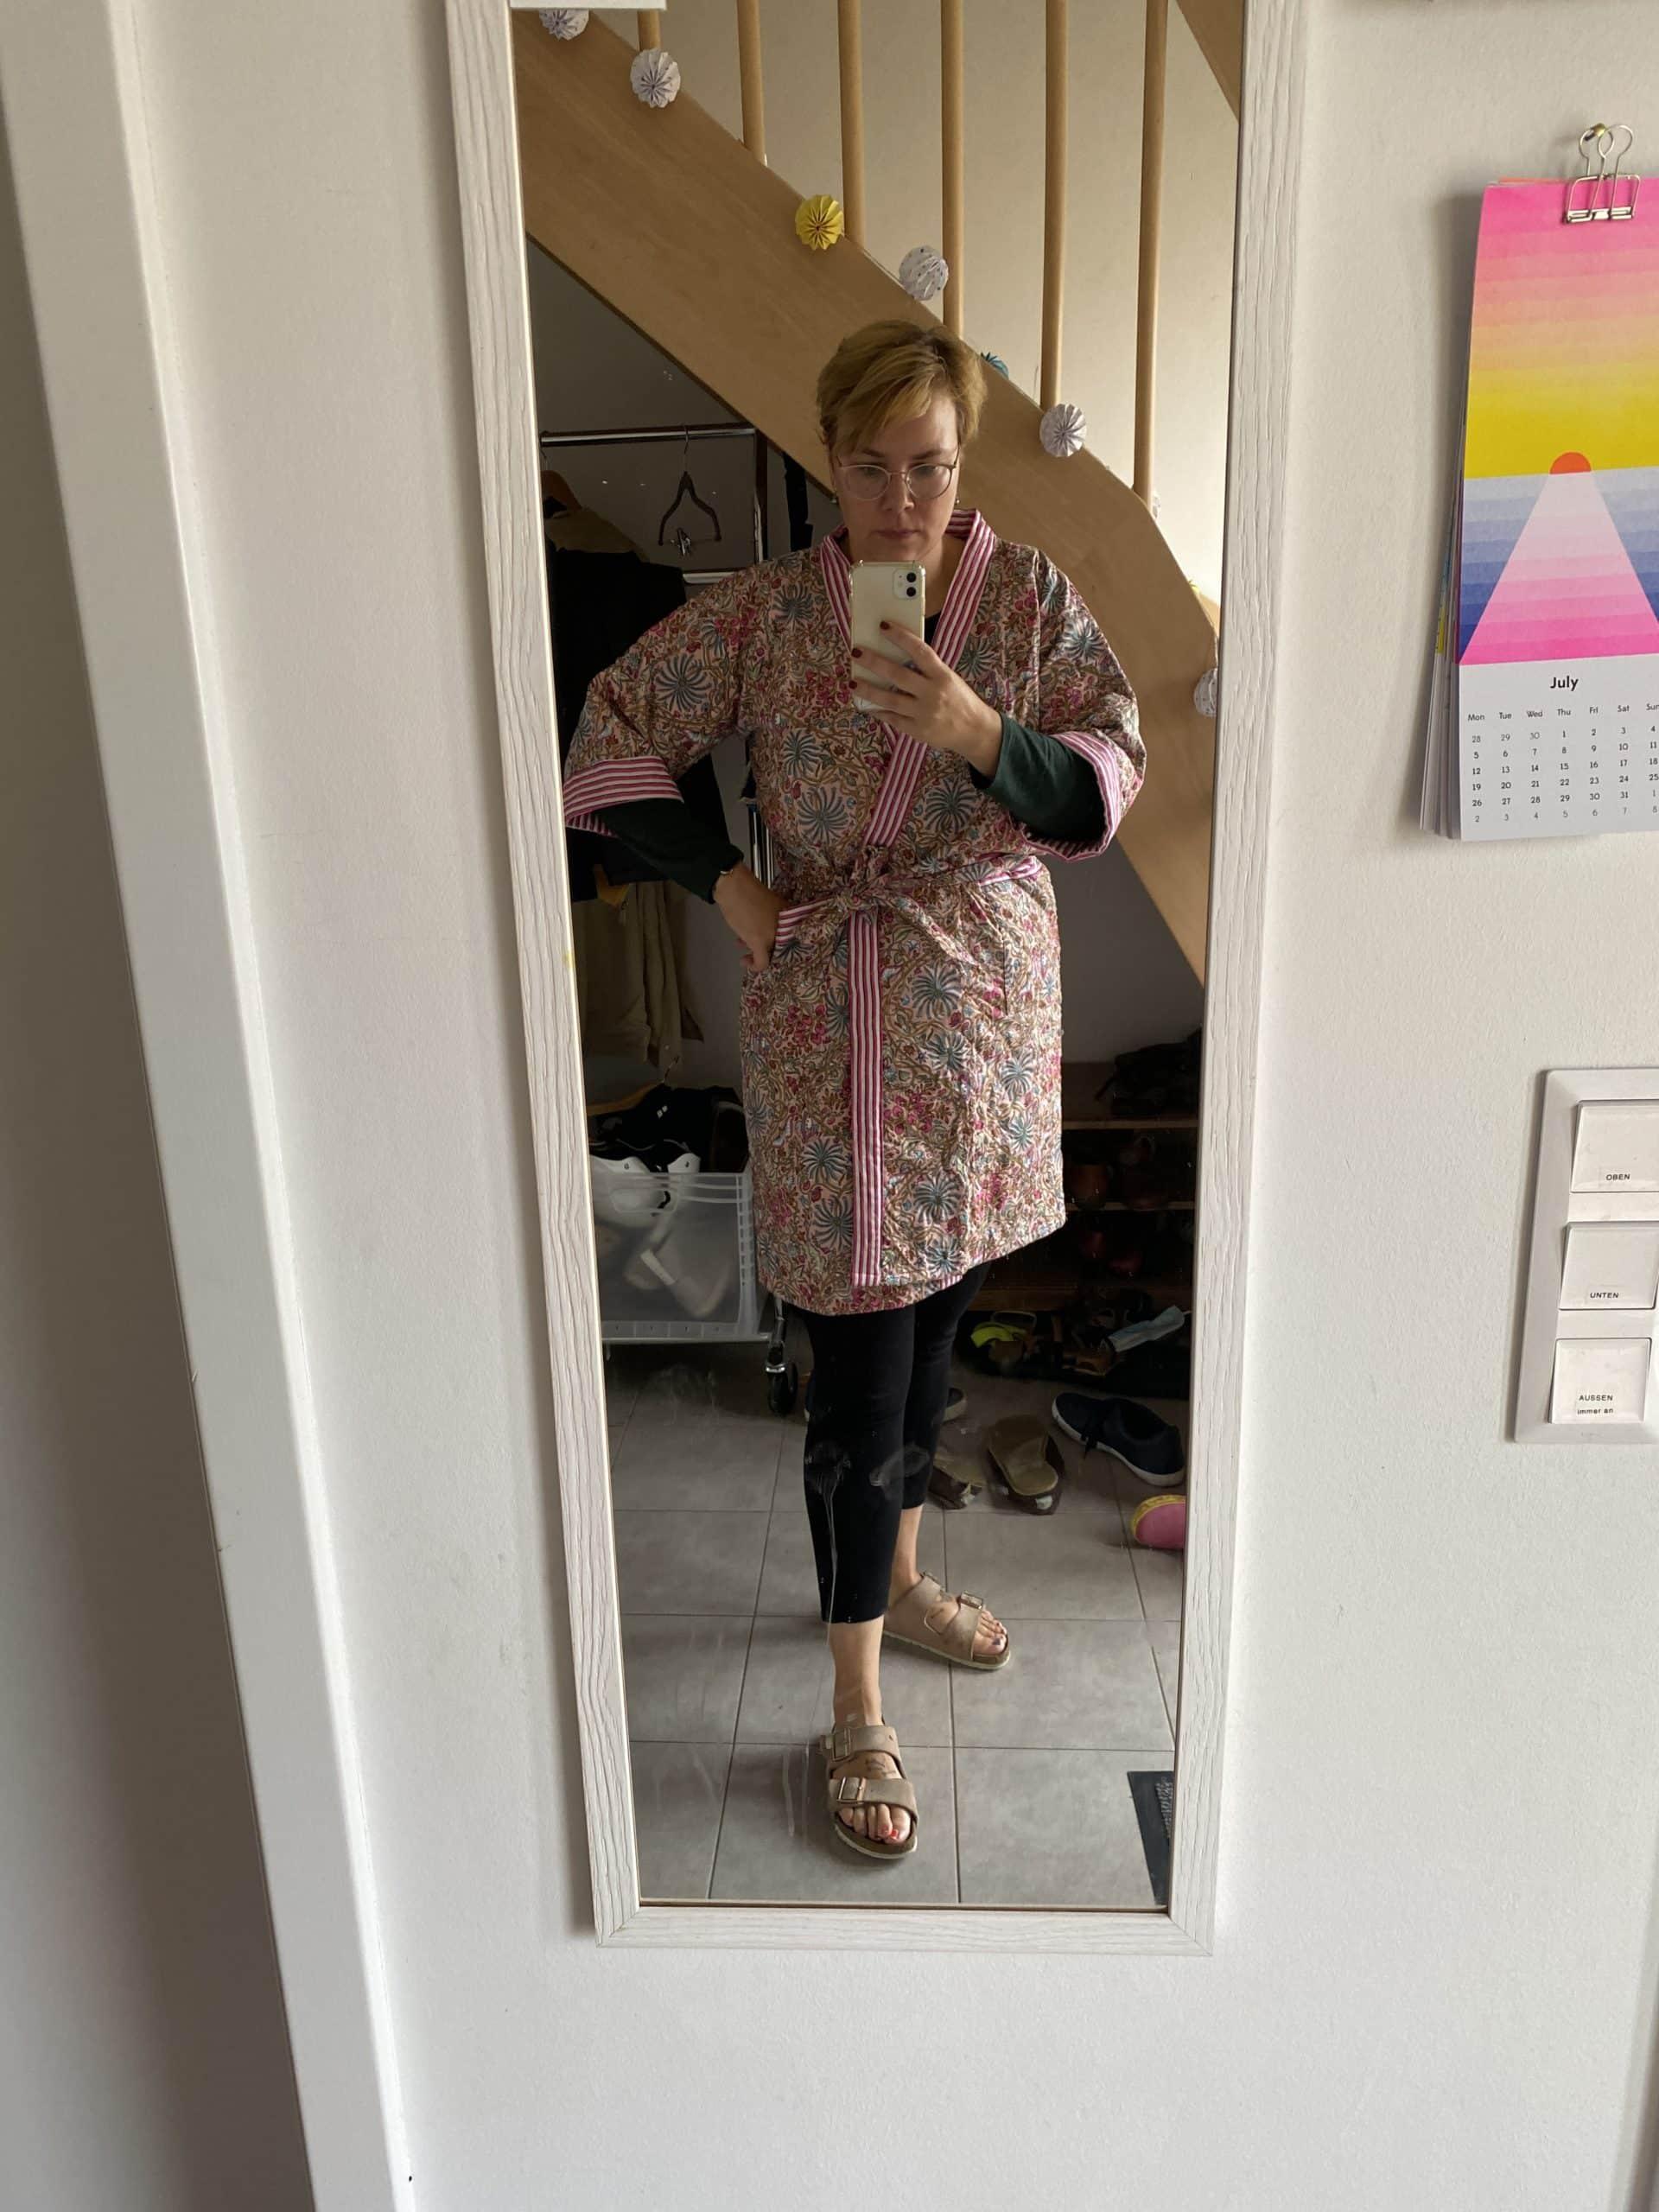 """Ich trage einen geschenkten Kimono. Meine Familie bezeichnet ihn als """"Bademantel"""" und droht immer nur 50 m hinter mir zu laufen."""